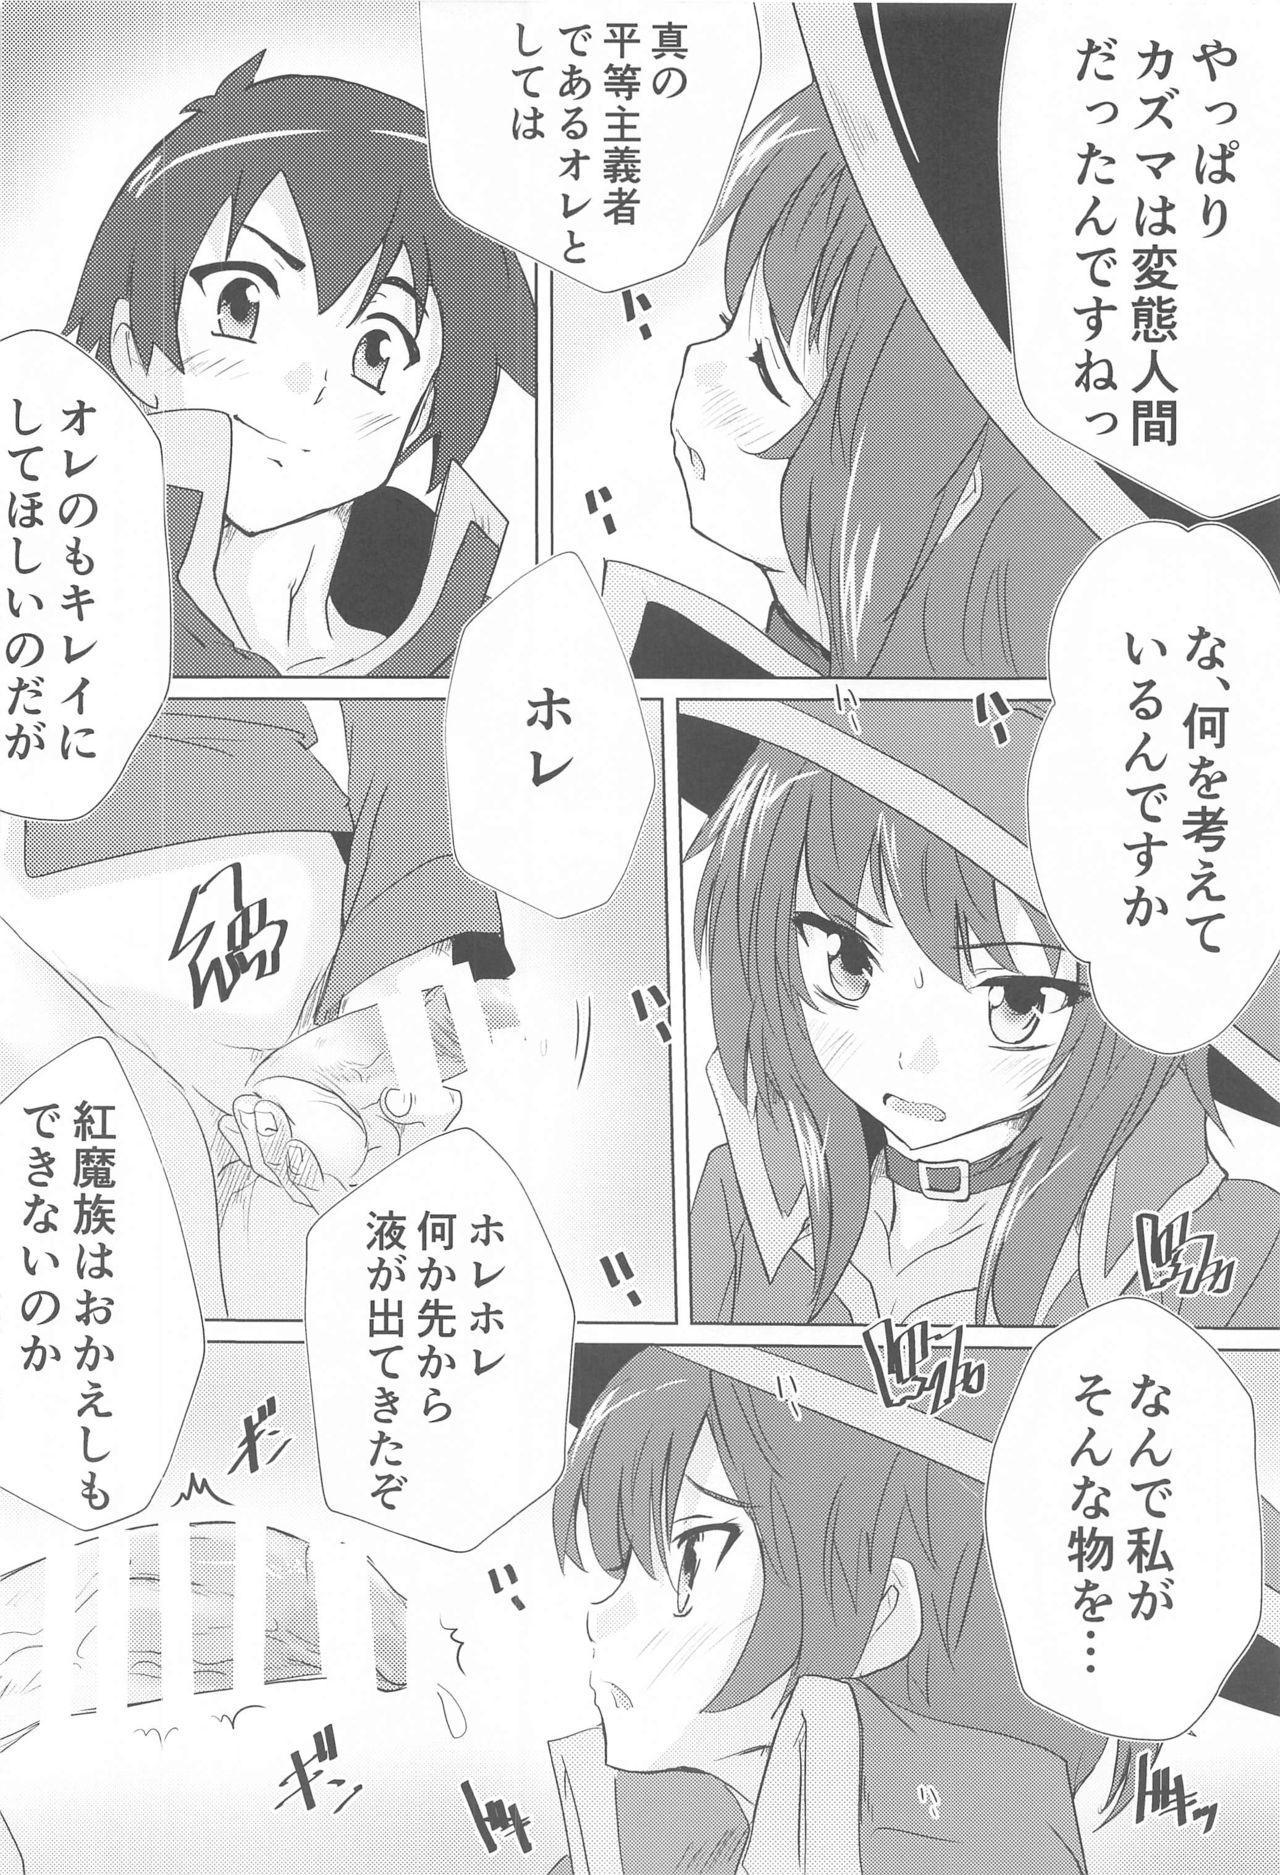 Megumin no Nichijou 6